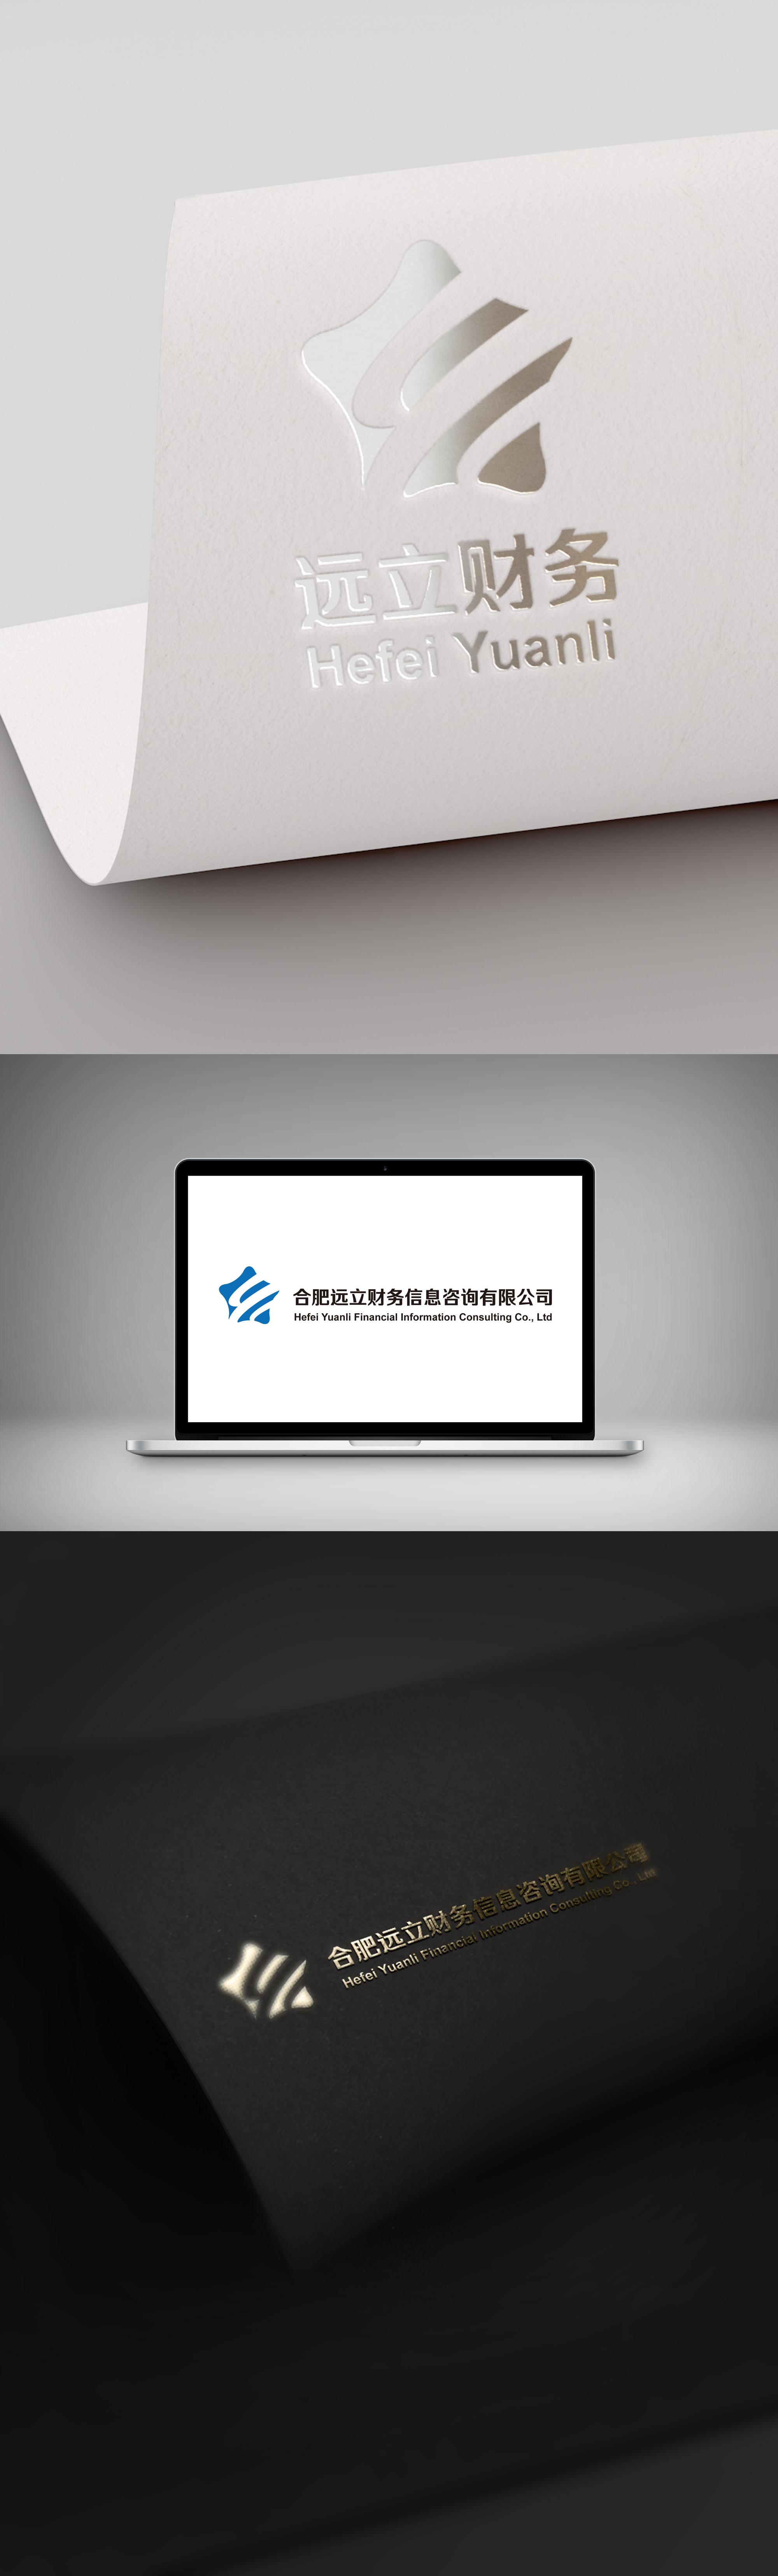 财务代账公司logo设计_3033367_k68威客网